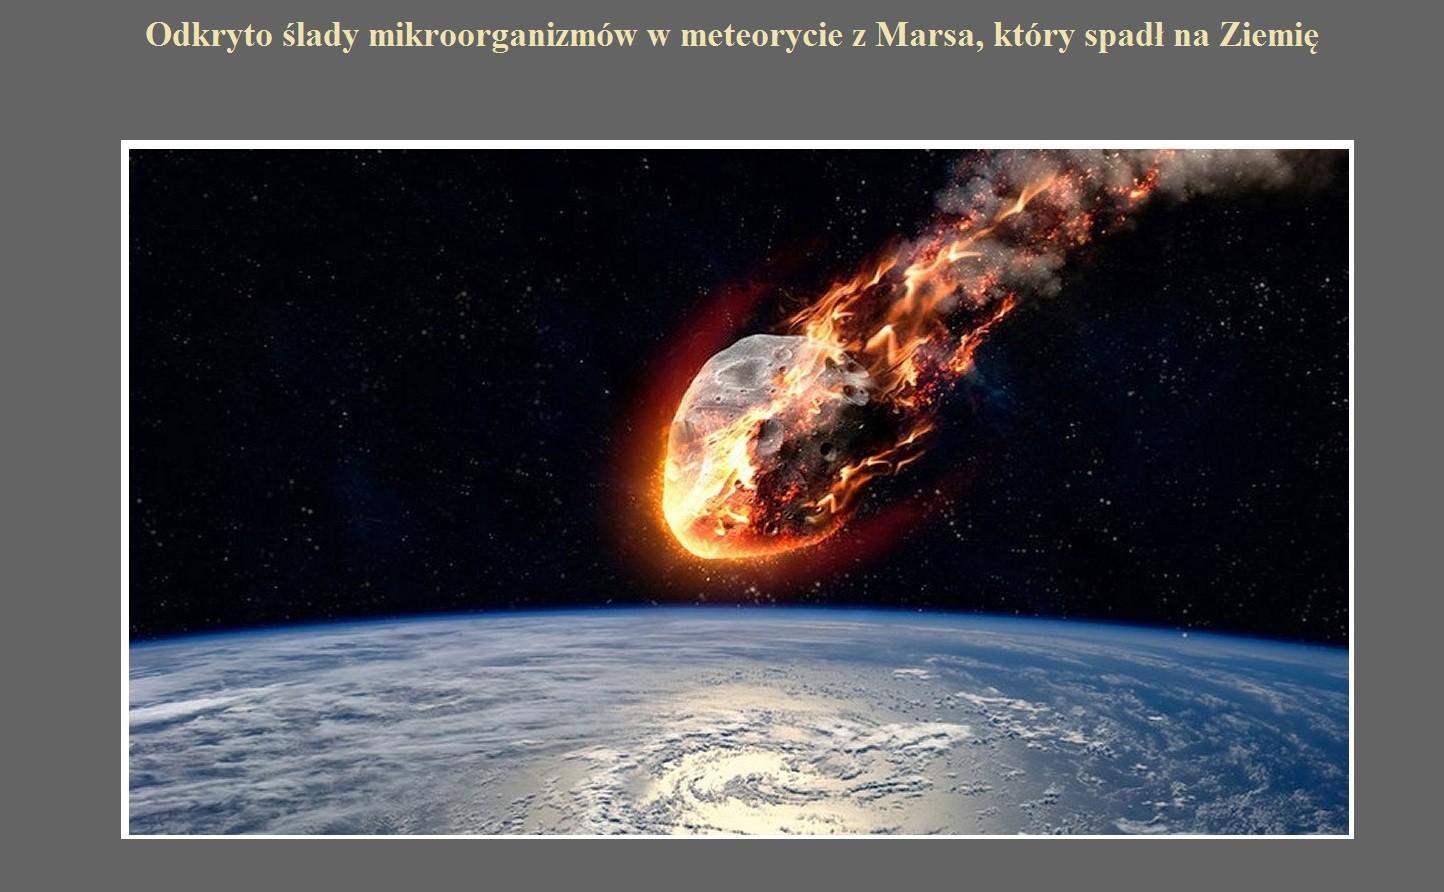 Datowanie radiometryczne meteorytów